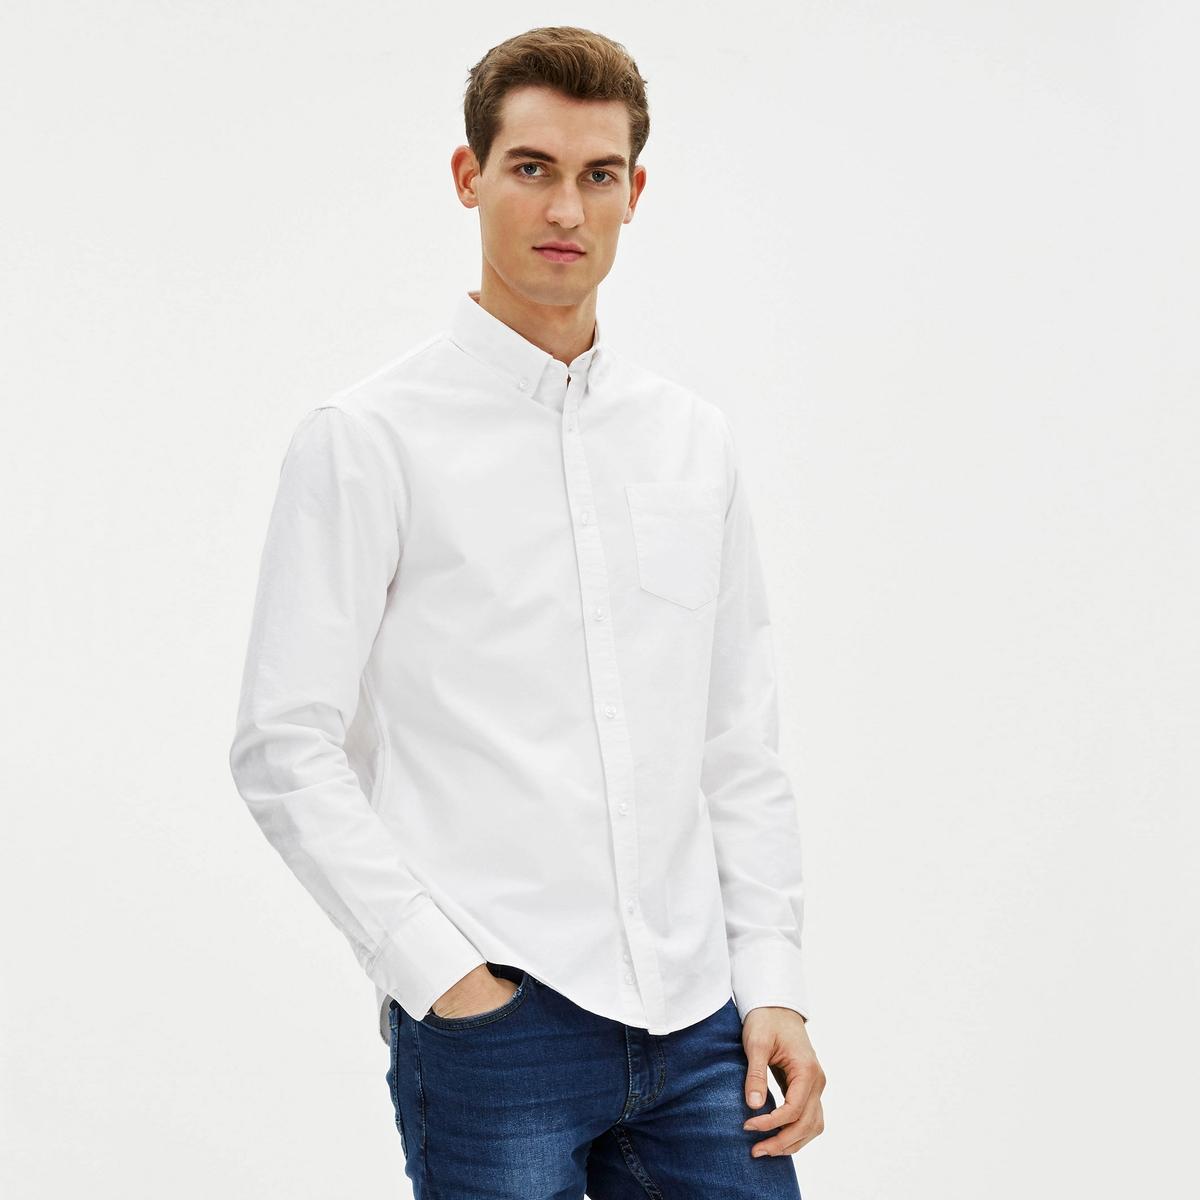 Рубашка узкого покроя GAOXFORD в стиле оксфордОднотонная рубашка GAOXFORD от CELIO® в стиле оксфорд.                 : : : : : : : : : : : : .xl63 { border:                        - Длинные рукава с манжетами на пуговицах - Узкий покрой (приталенный)- Слегка закругленный низ- Классический воротник с уголками на пуговицах- Застежка на пуговицы- Накладной нагрудный карманСостав и описание :Основной материал :  100% хлопокМарка : CELIO®Уход :Машинная стирка при 40 °C Сухая (химическая) чистка запрещена Машинная сушка Отбеливание запрещено Гладить при умеренной температуре<br><br>Цвет: белый,небесно-голубой<br>Размер: L.S